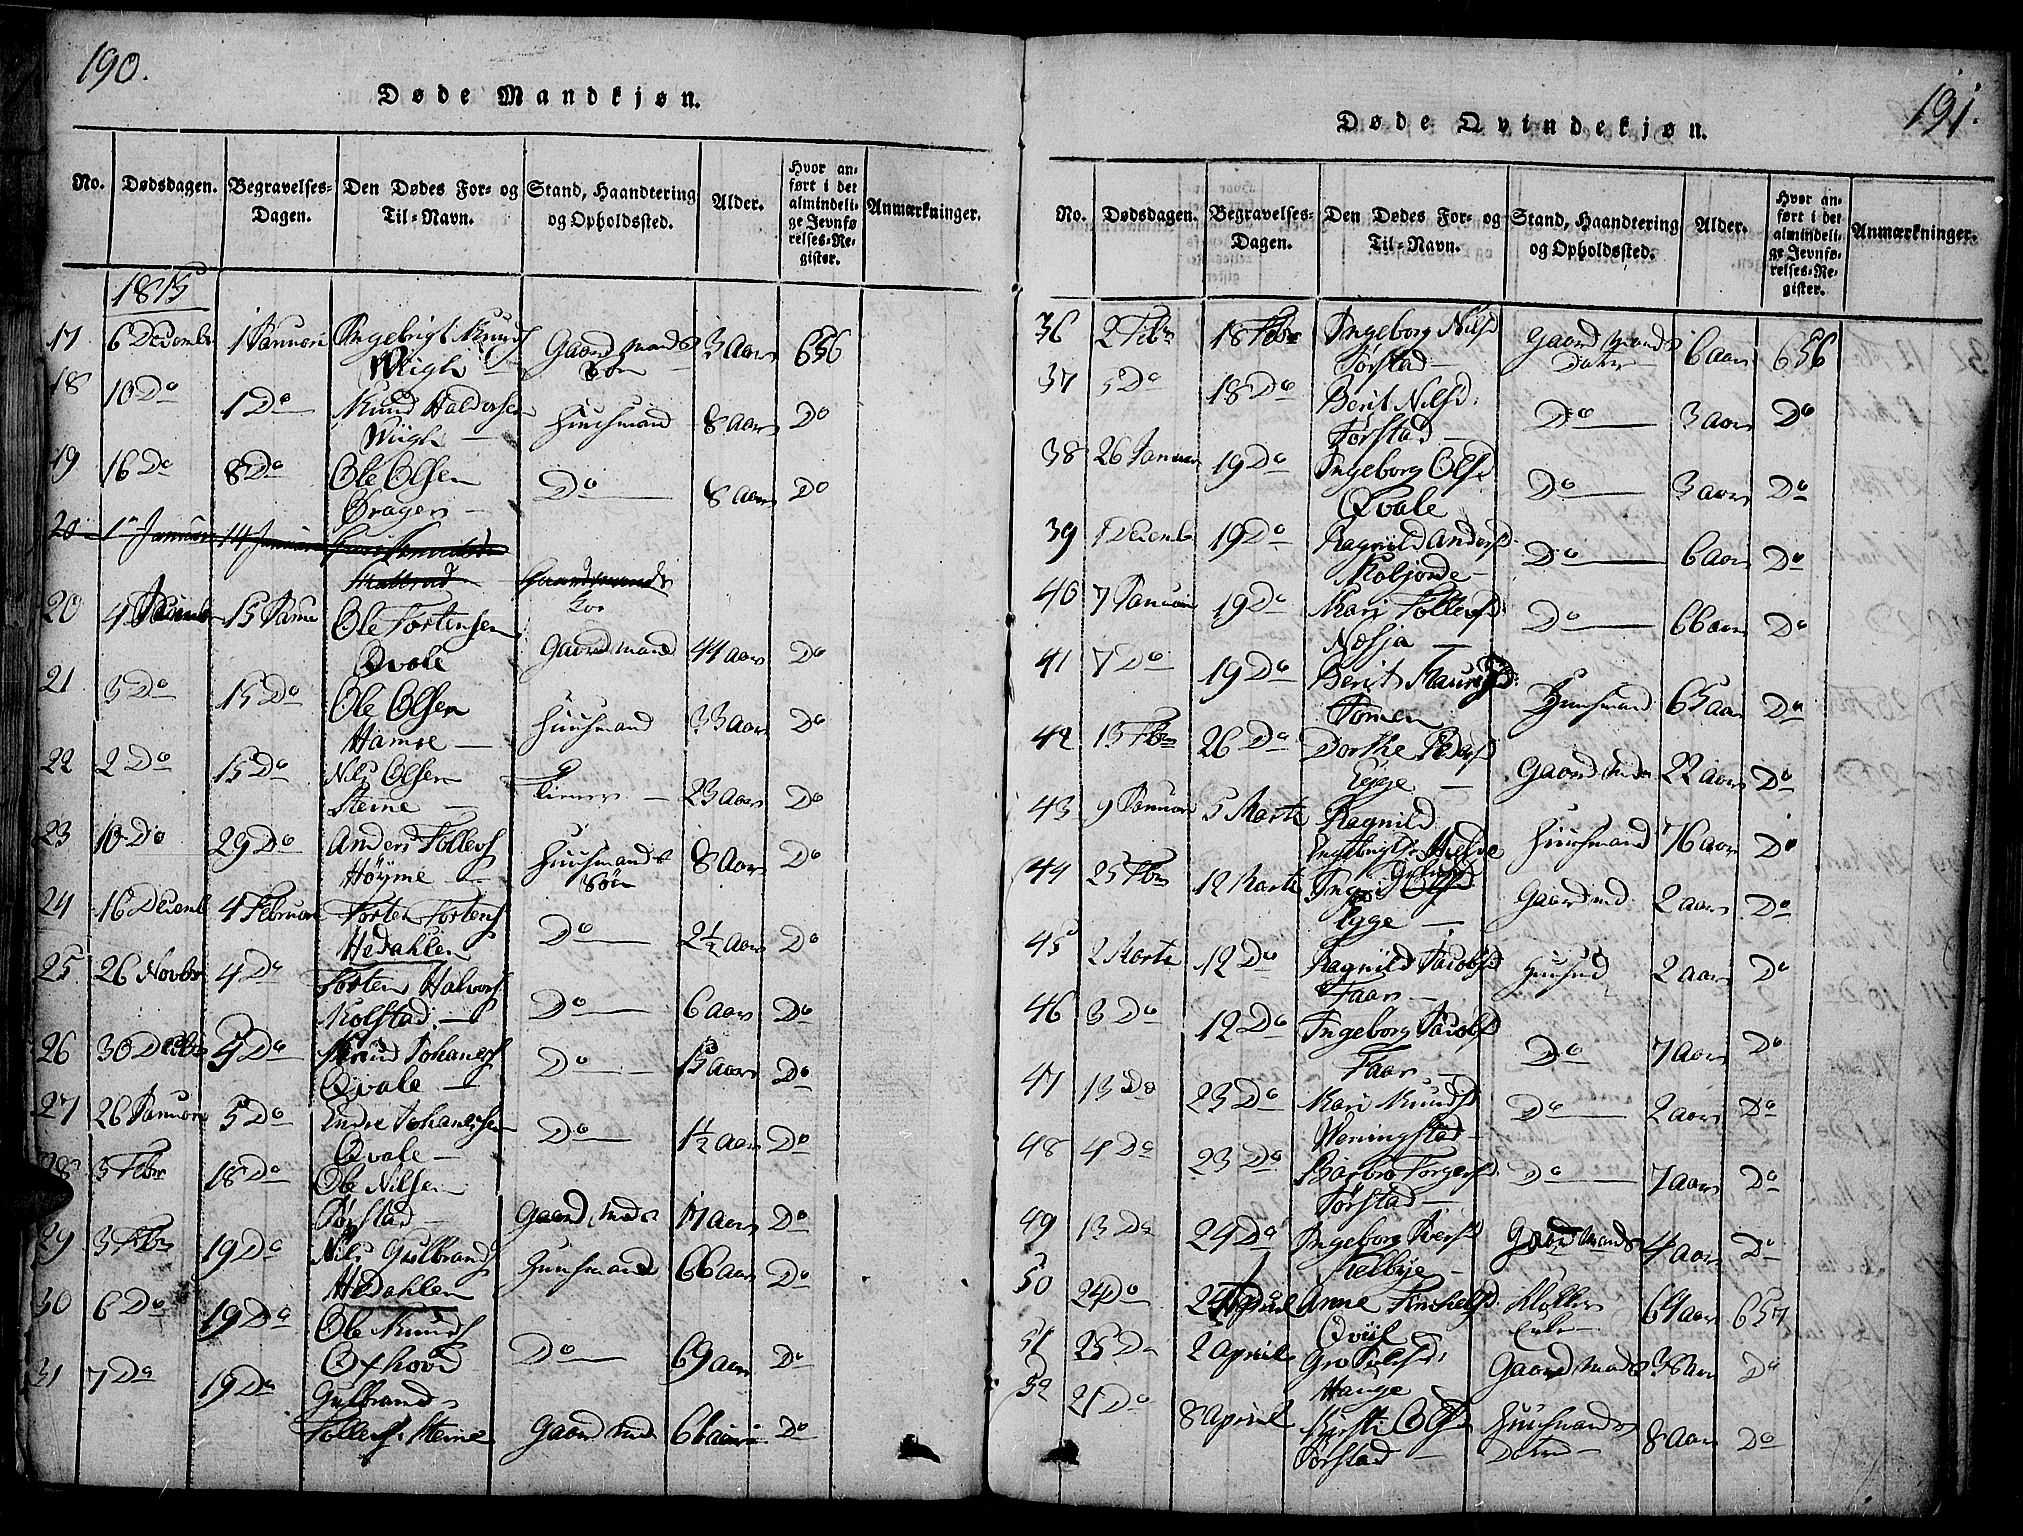 SAH, Slidre prestekontor, Ministerialbok nr. 2, 1814-1830, s. 190-191